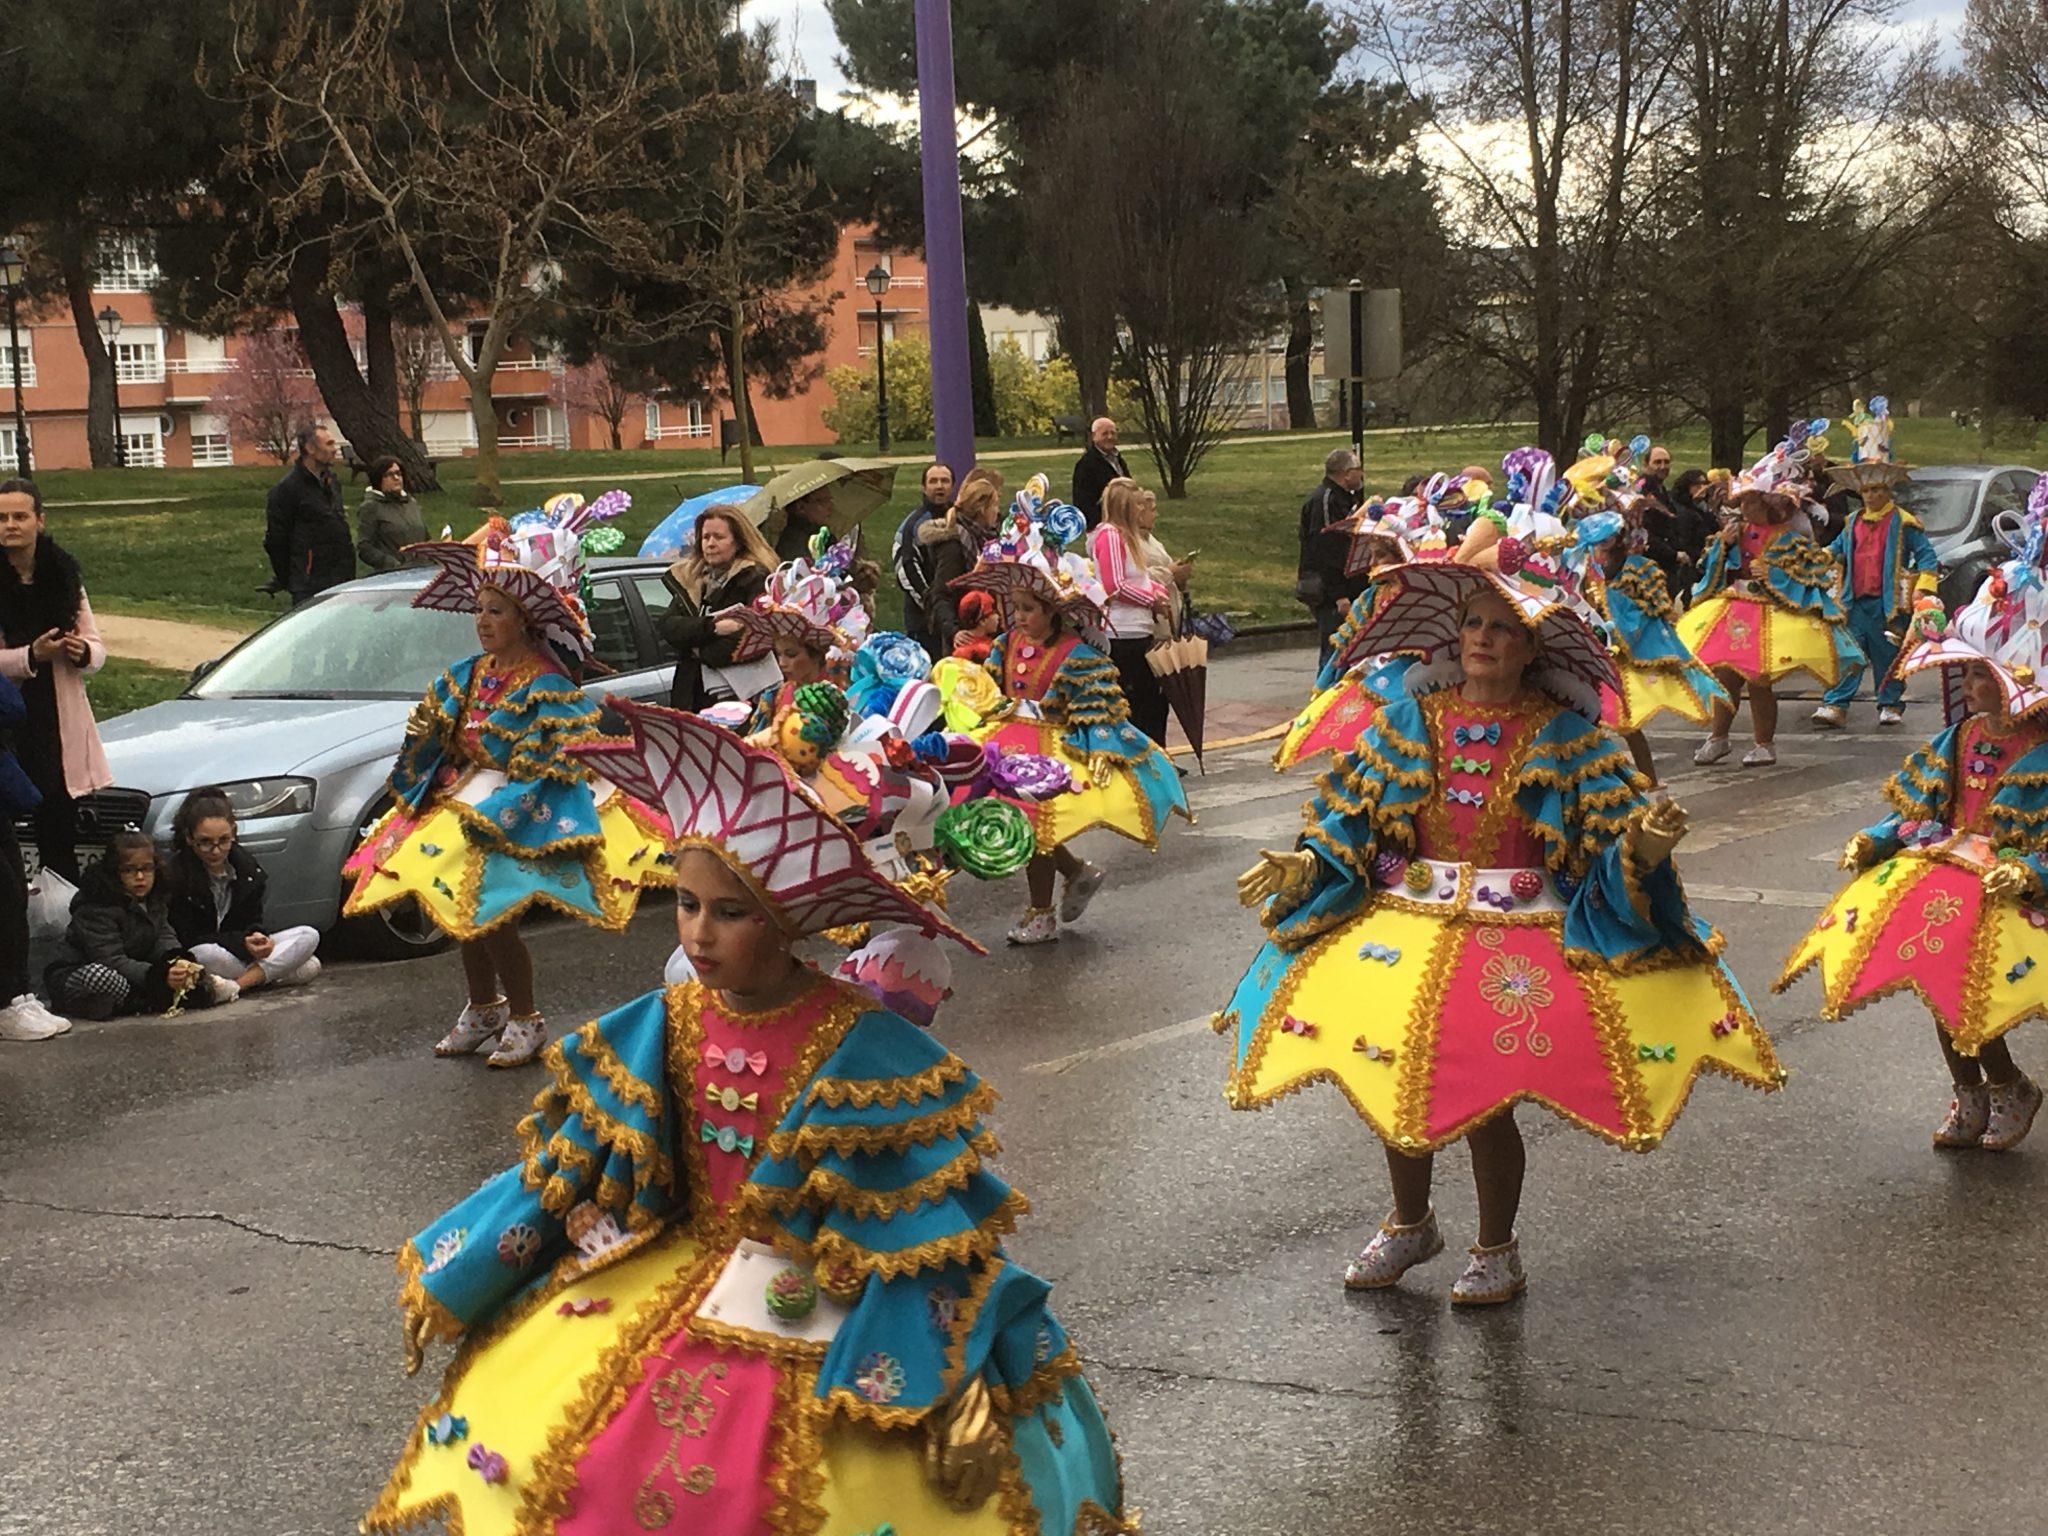 Álbum de fotos del martes de Carnaval 2019 en Ponferrada 56